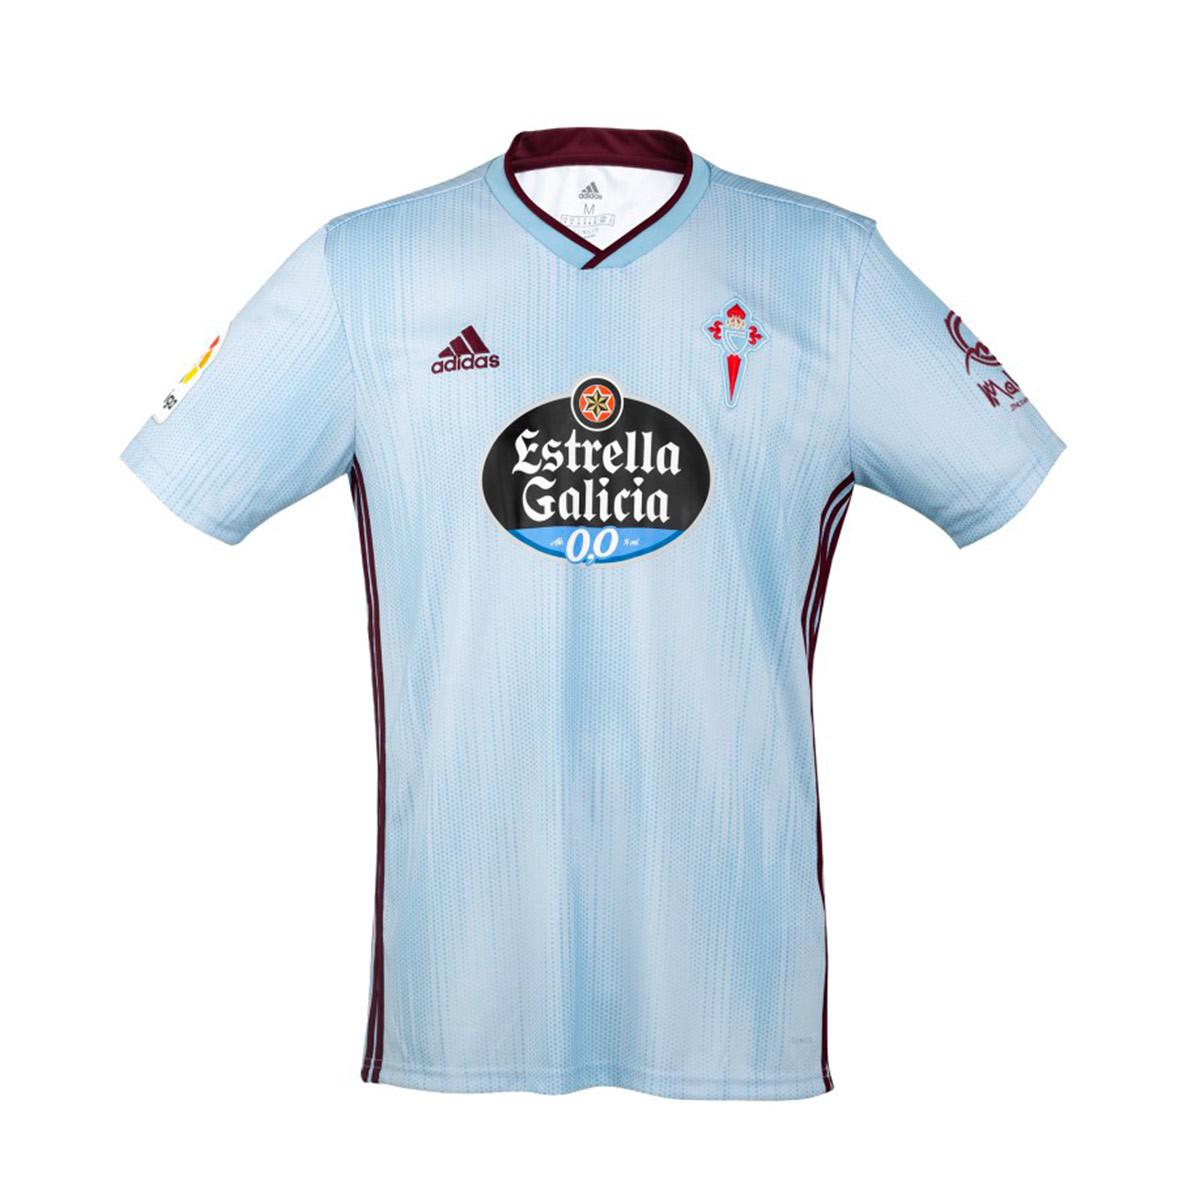 adidas Celta de Vigo Camiseta de Equipaci/ón Ni/ños